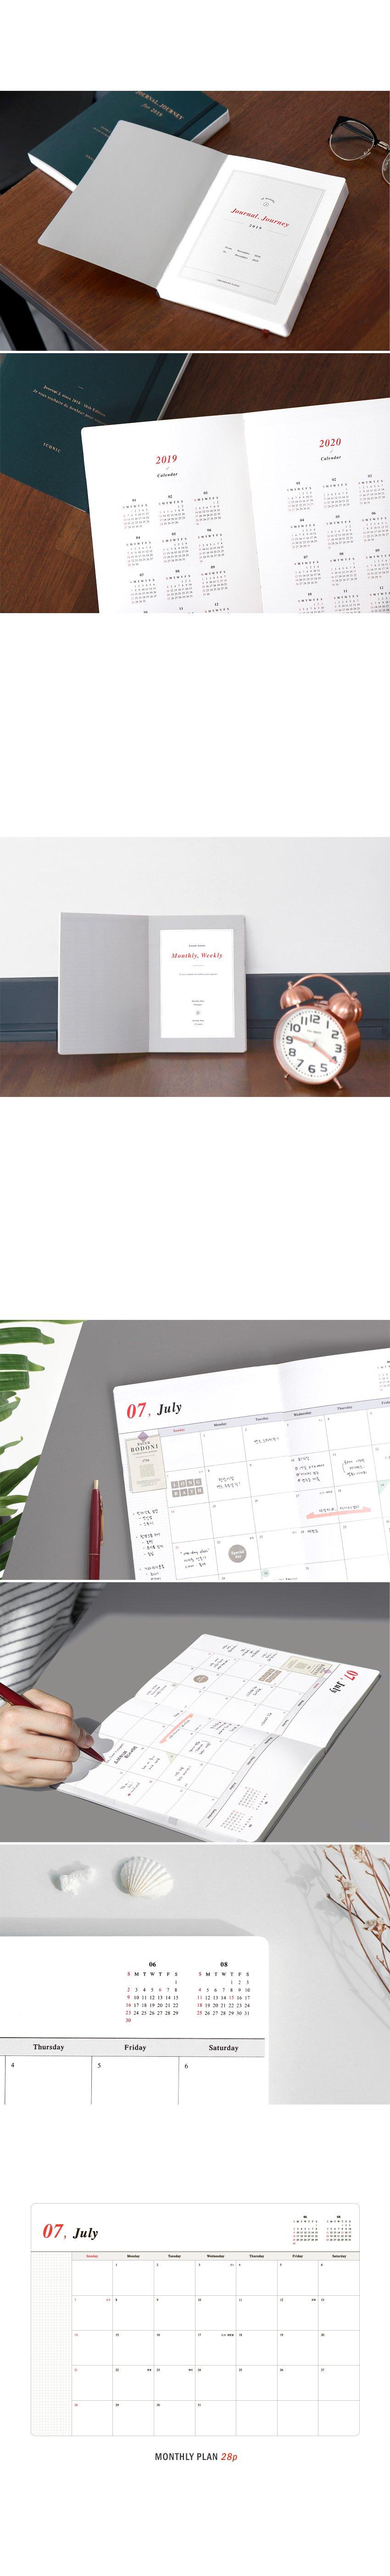 아이코닉 저널 J 201916,000원-아이코닉디자인문구, 다이어리/캘린더, 2019 다이어리, 심플/베이직바보사랑아이코닉 저널 J 201916,000원-아이코닉디자인문구, 다이어리/캘린더, 2019 다이어리, 심플/베이직바보사랑